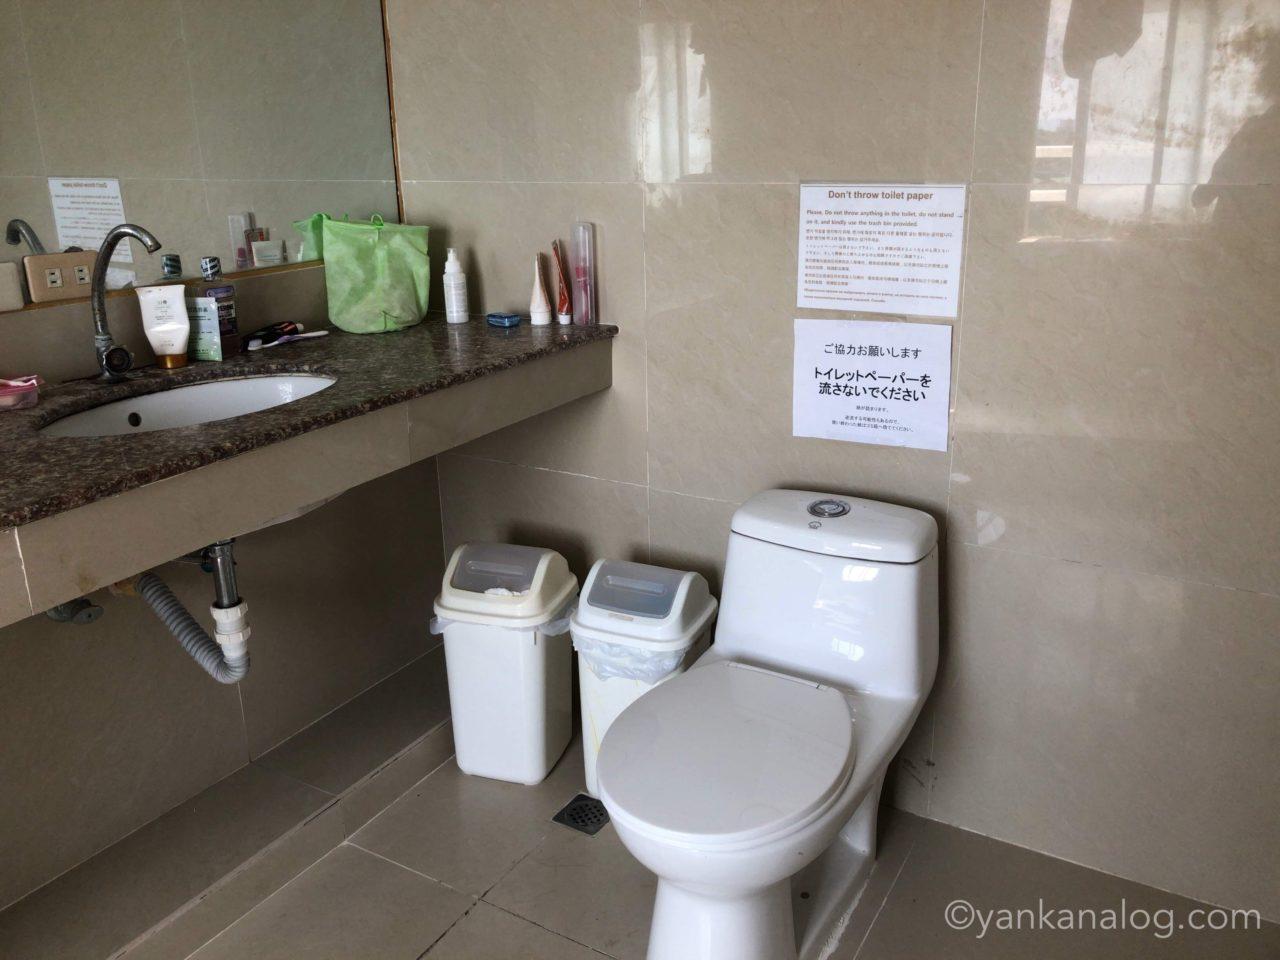 QQEnglishシーフロント校のトイレ